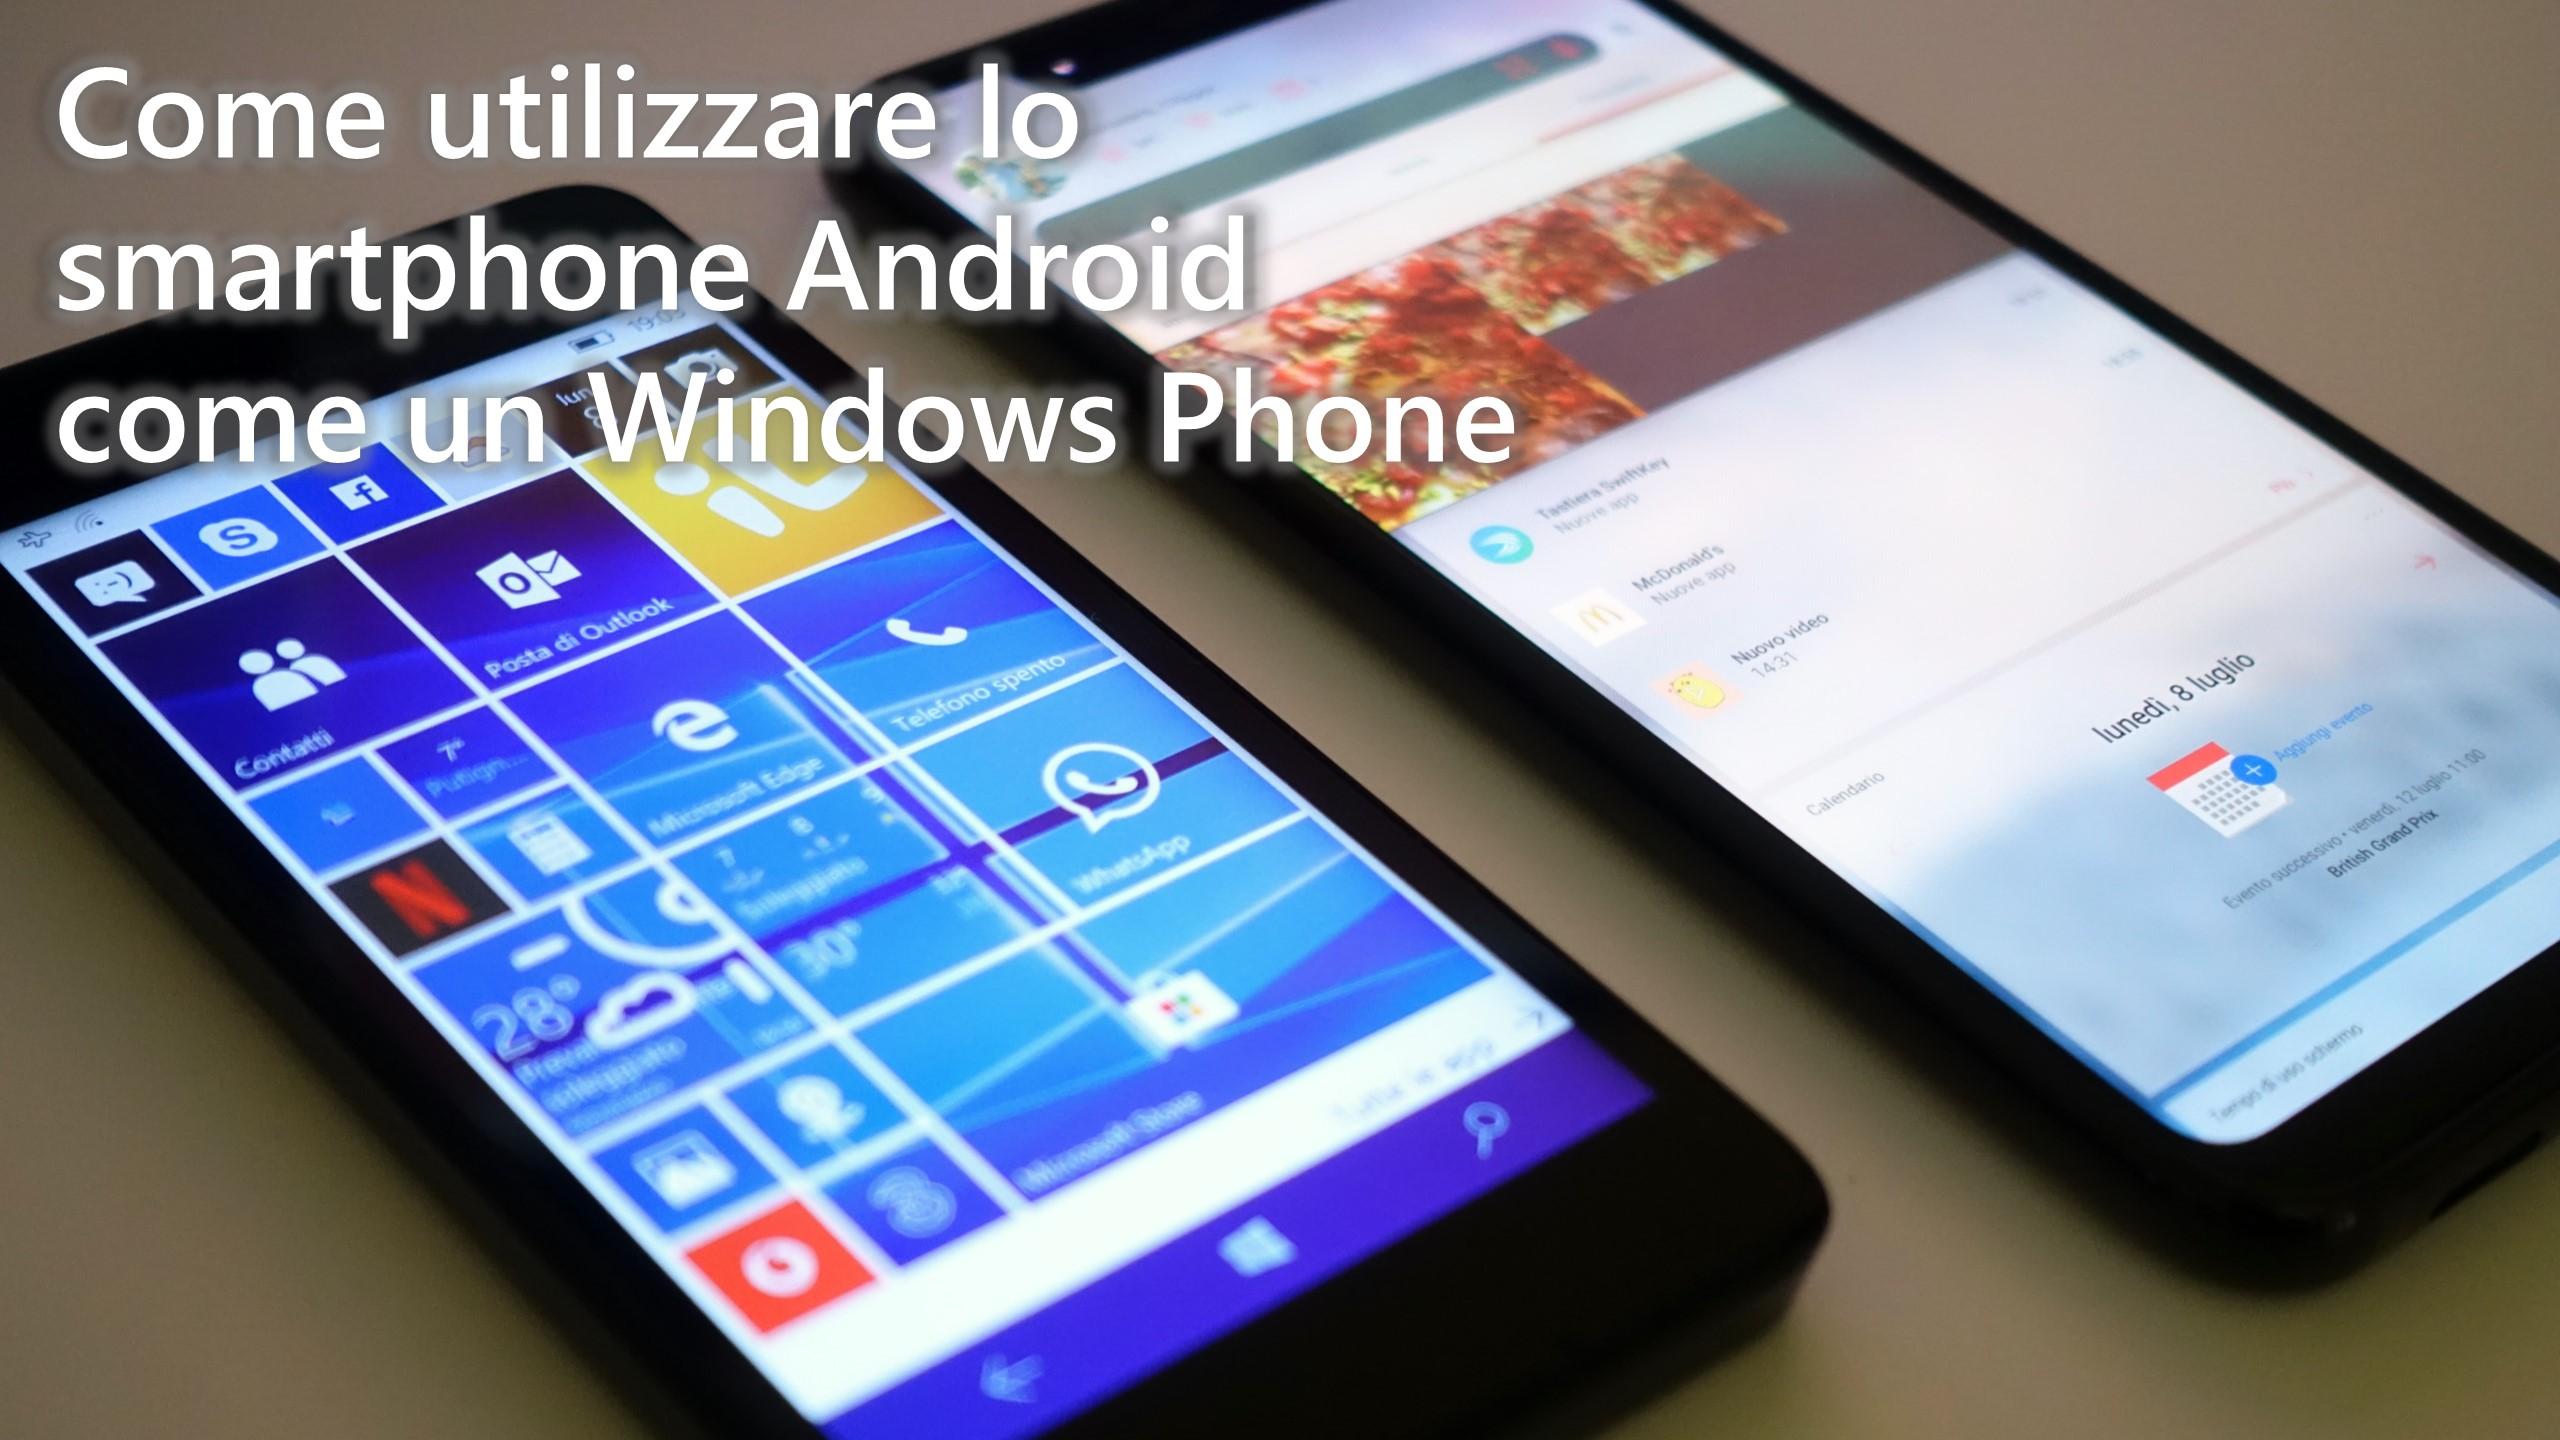 Come utilizzare lo smartphone Android come un Windows Phone